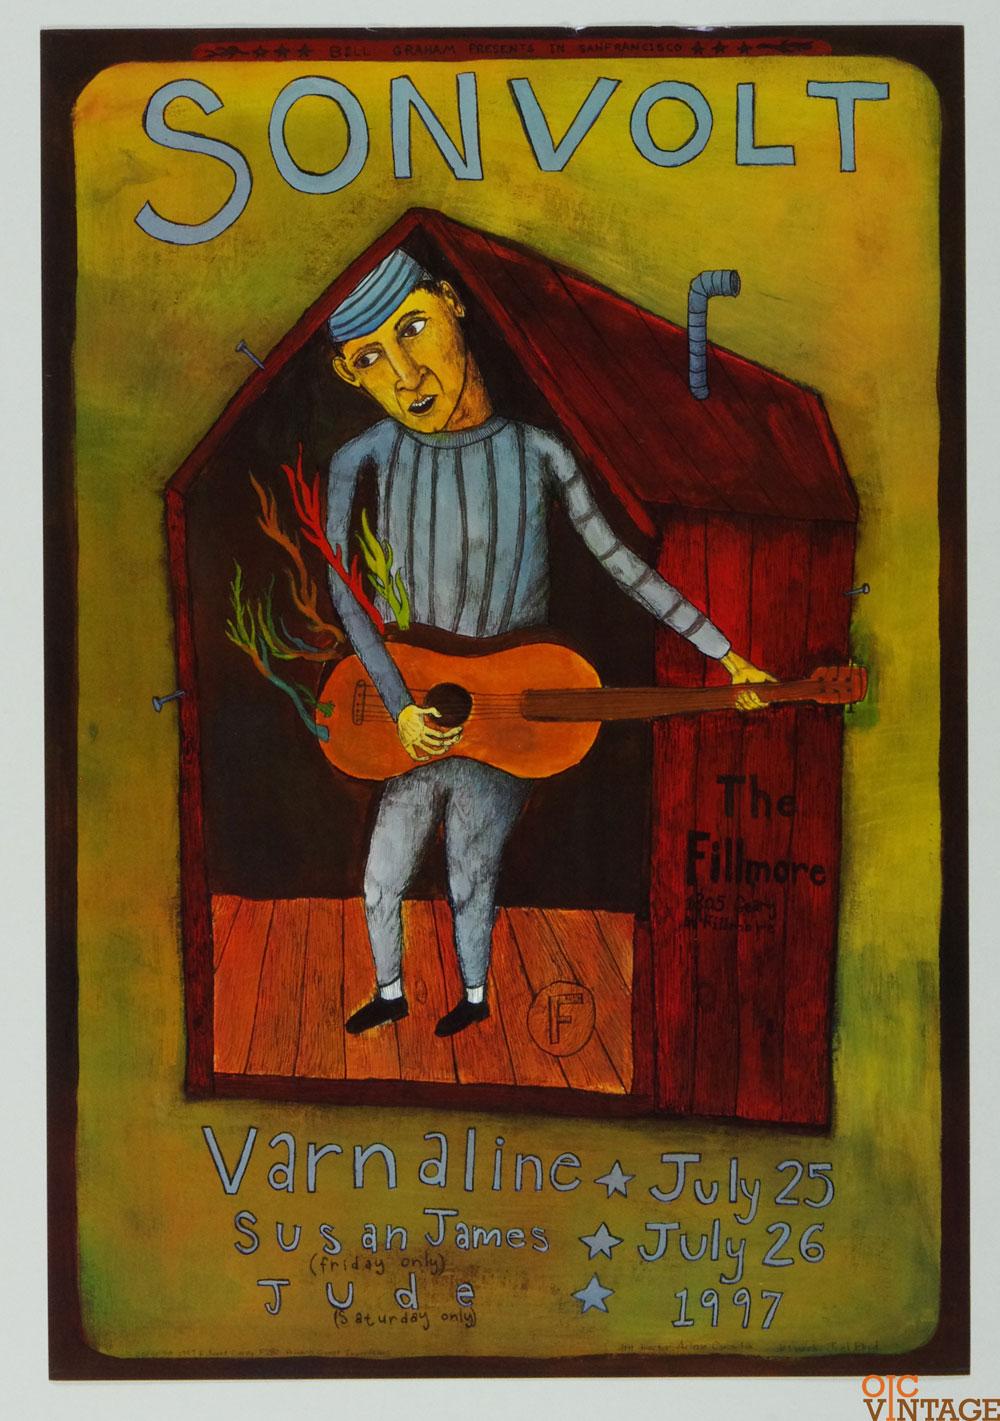 Sonvolt Varnaline Susan James JUDE Poster 1997 Jul 25 New Fillmore